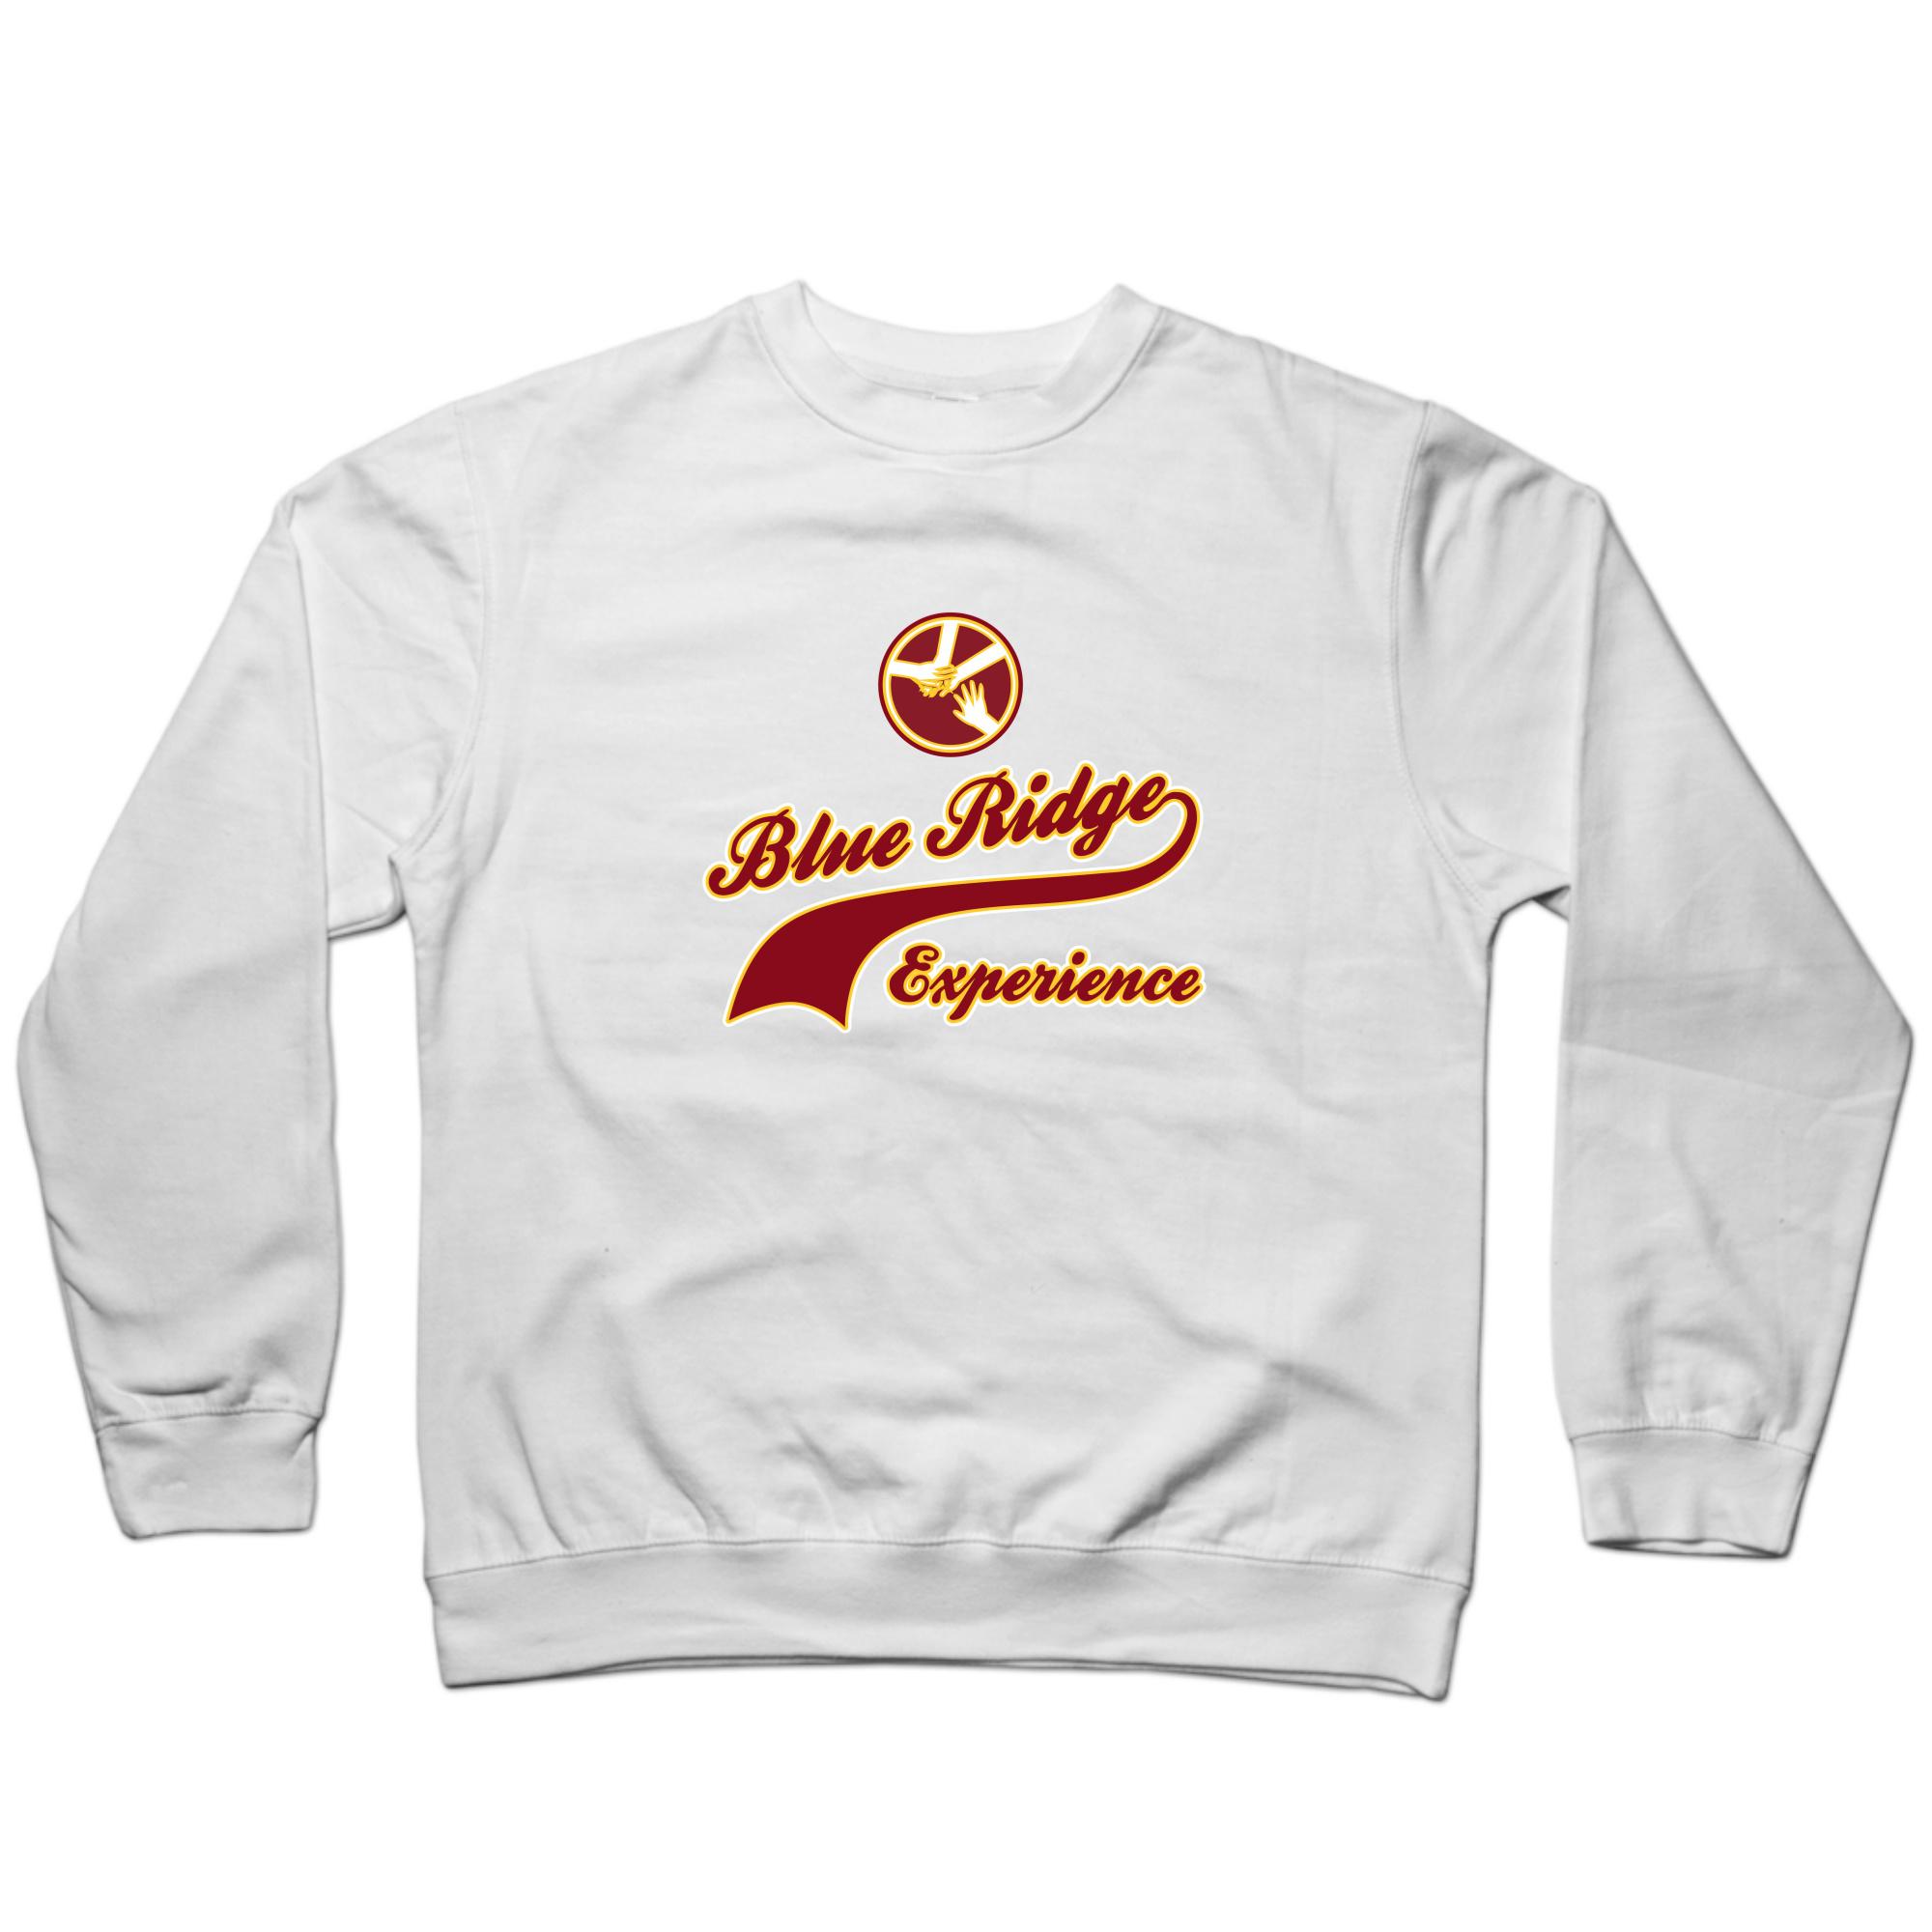 Blue Ridge Maroon & Gold Crewneck Sweatshirt